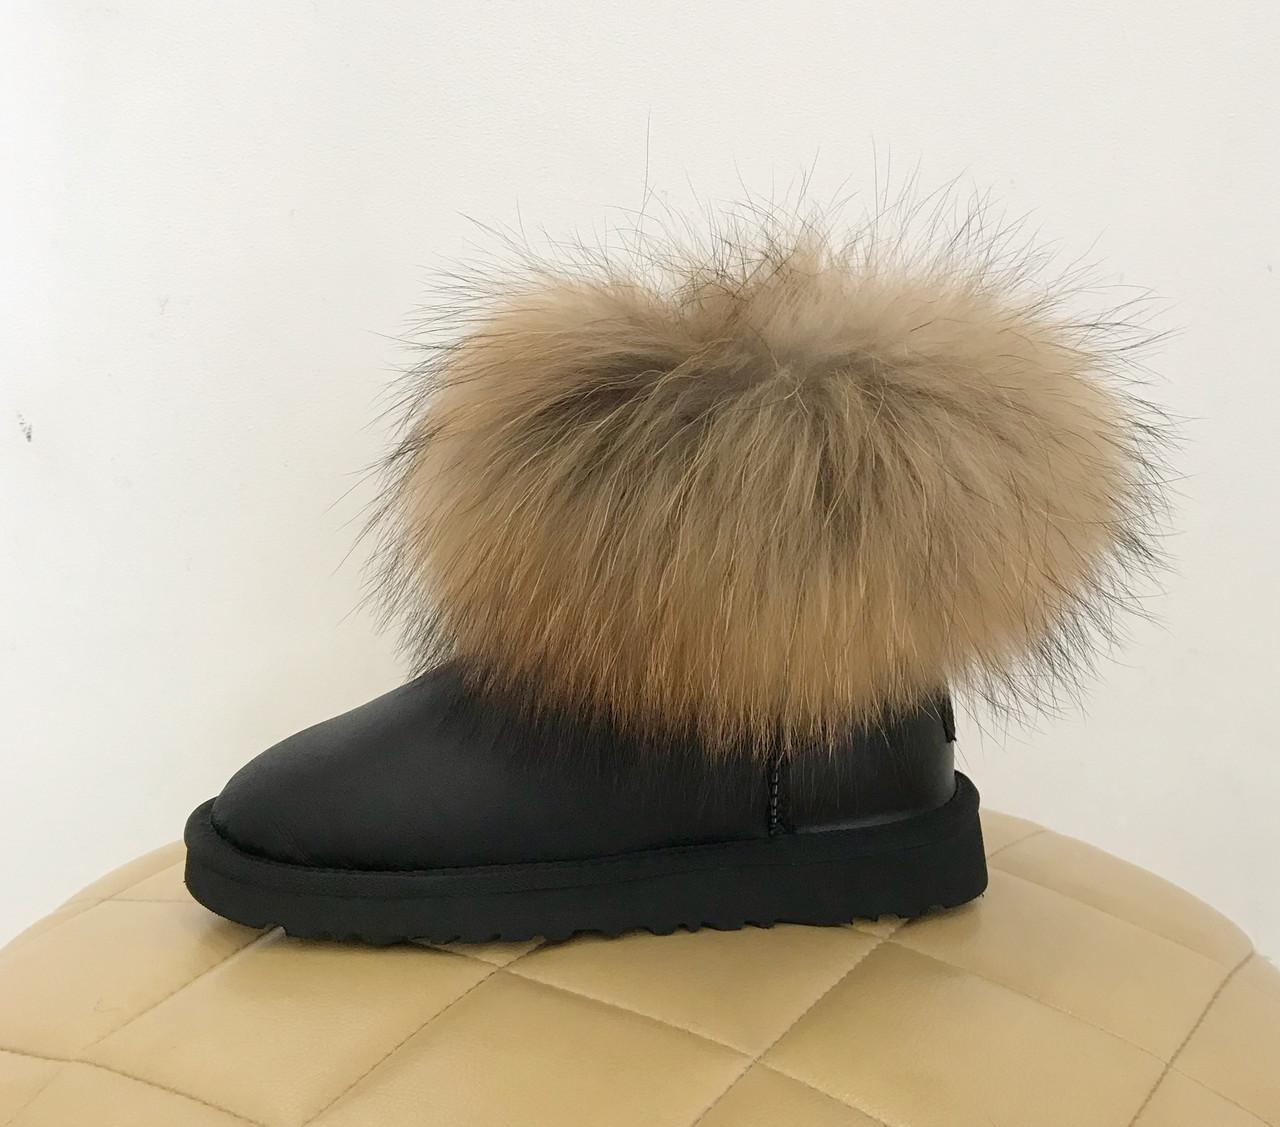 UGG Australia Fur Fox Black Угги мини с мехом лисы черные кожаные